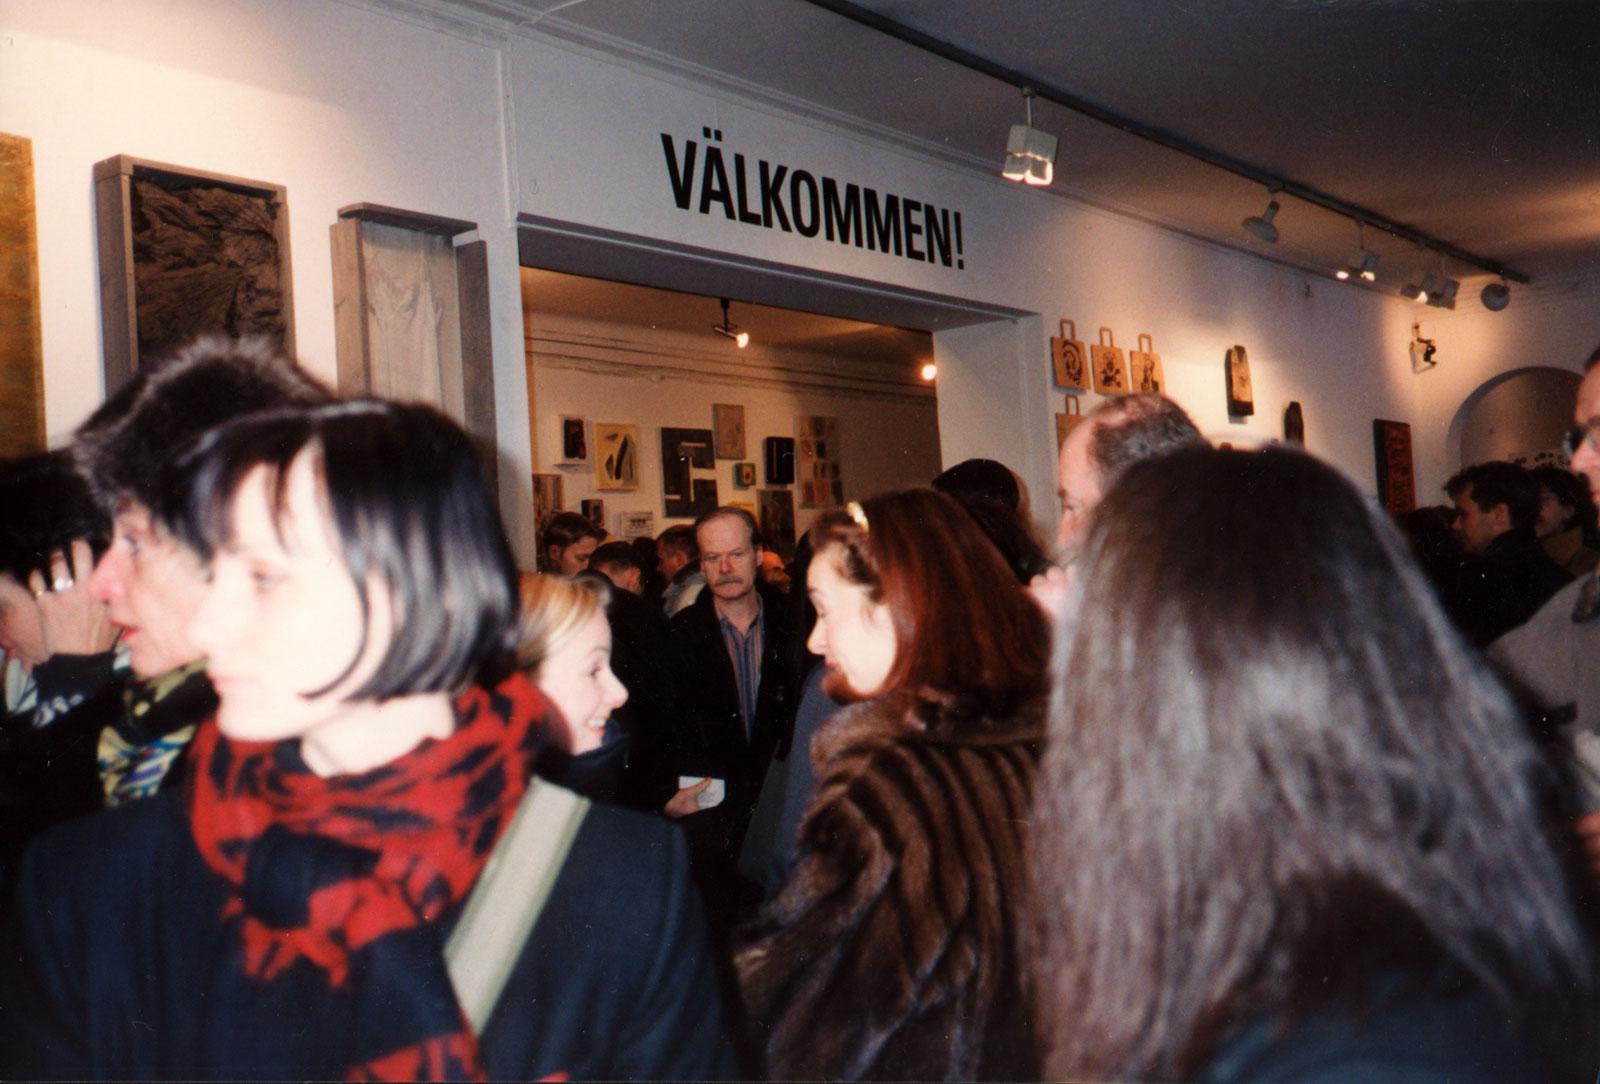 Photo: Hans Skoglund